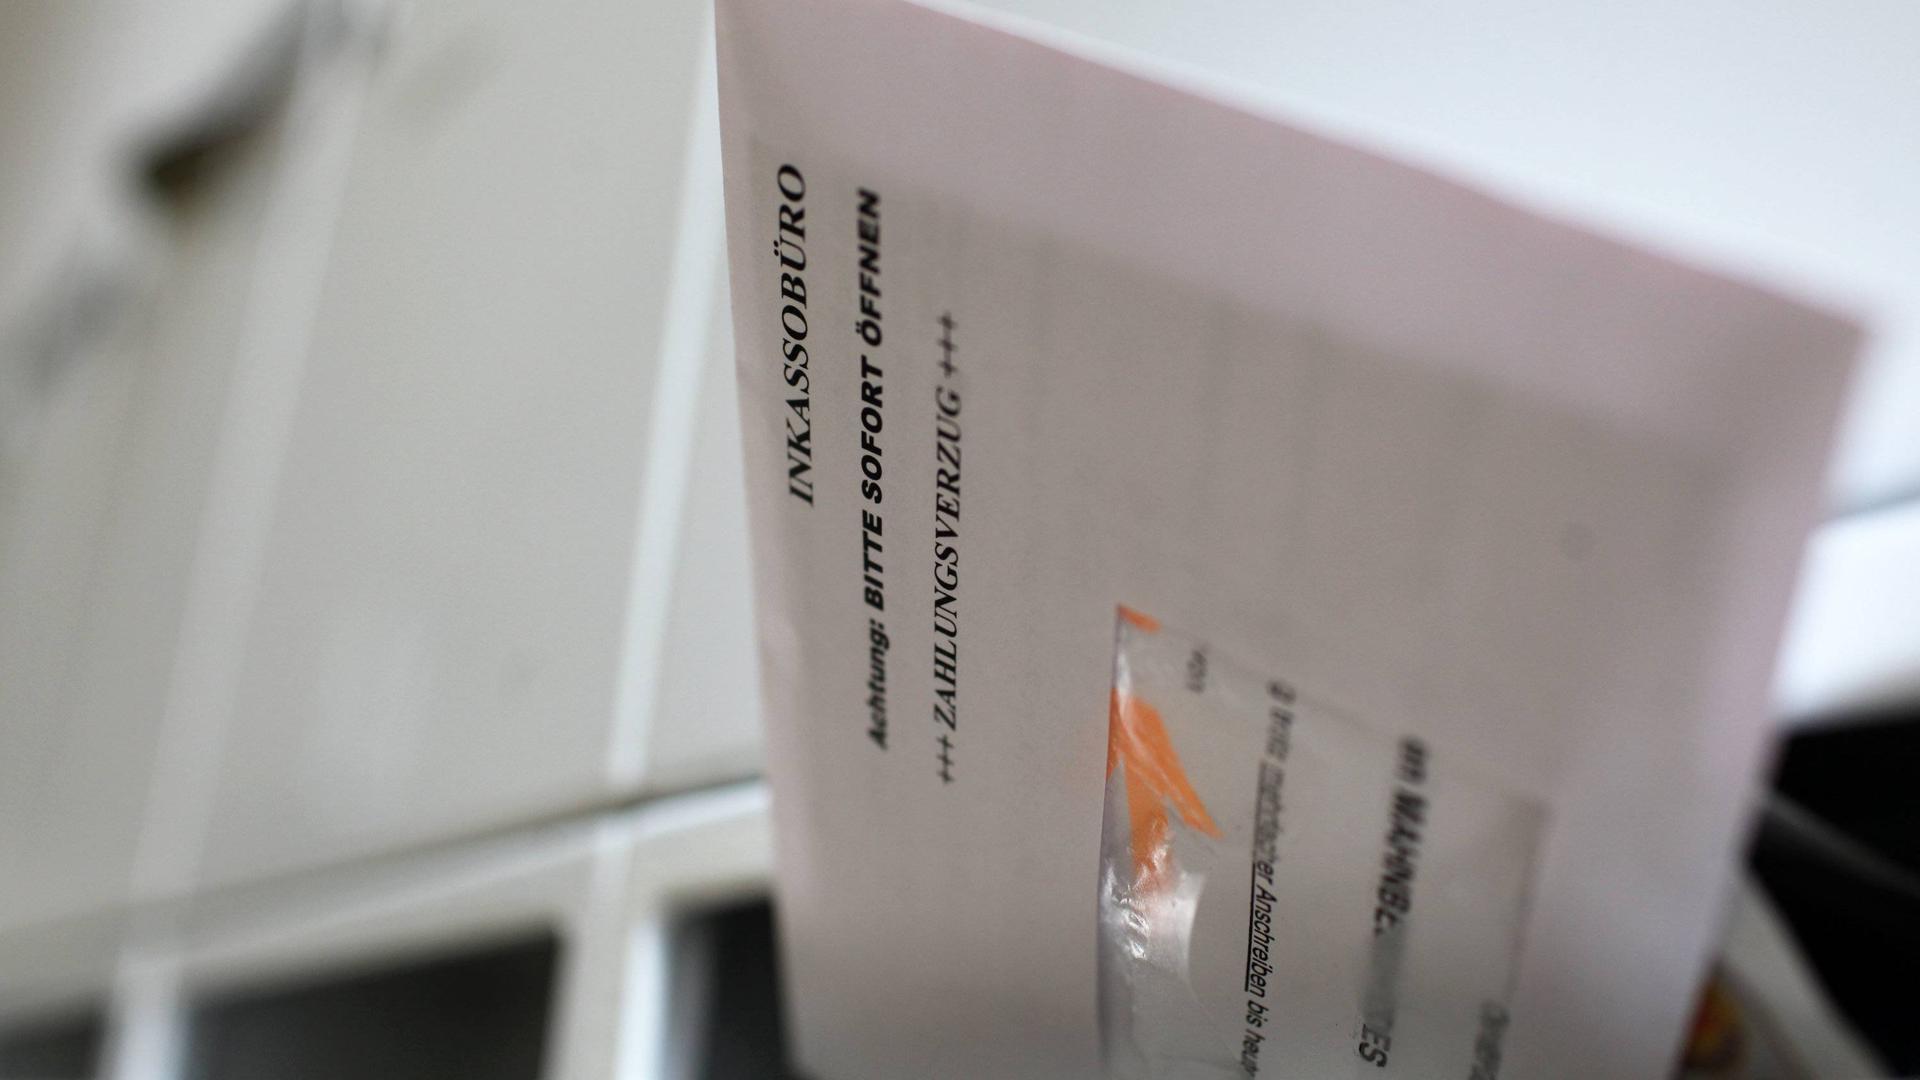 ILLUSTRATION - Zum Themendienst-Bericht von Sabine Meuter vom 23. Januar 2018: Wer Post von einem Inkassobüro bekommt, bekommt erst einmal einen Schreck. Die gute Nachricht:Nicht immer ist die Forderung auch berechtigt. Foto: Jens Büttner/dpa/dpa-tmn - Honorarfrei nur für Bezieher des dpa-Themendienstes +++ dpa-Themendienst +++